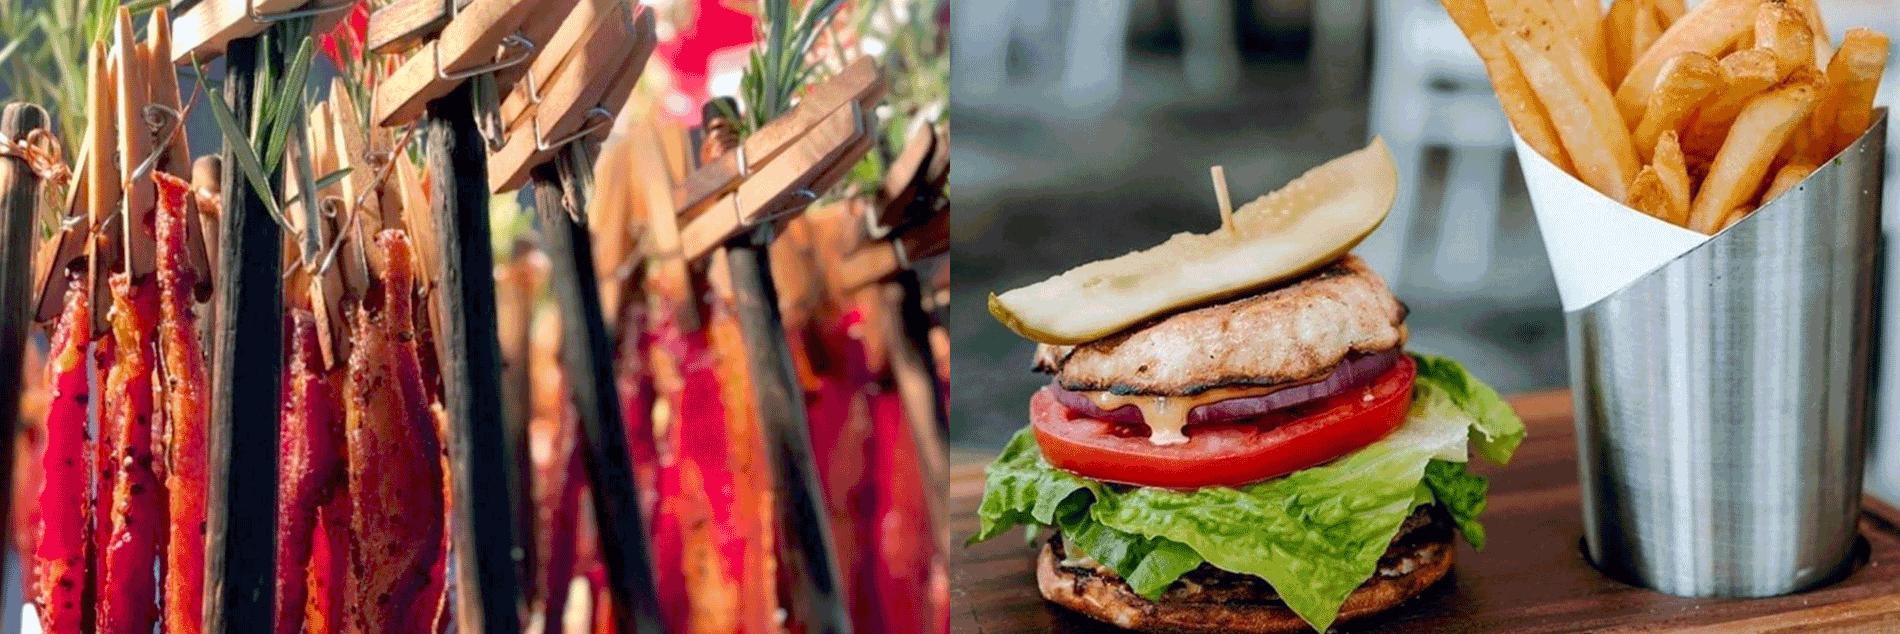 Bacon and a Burger